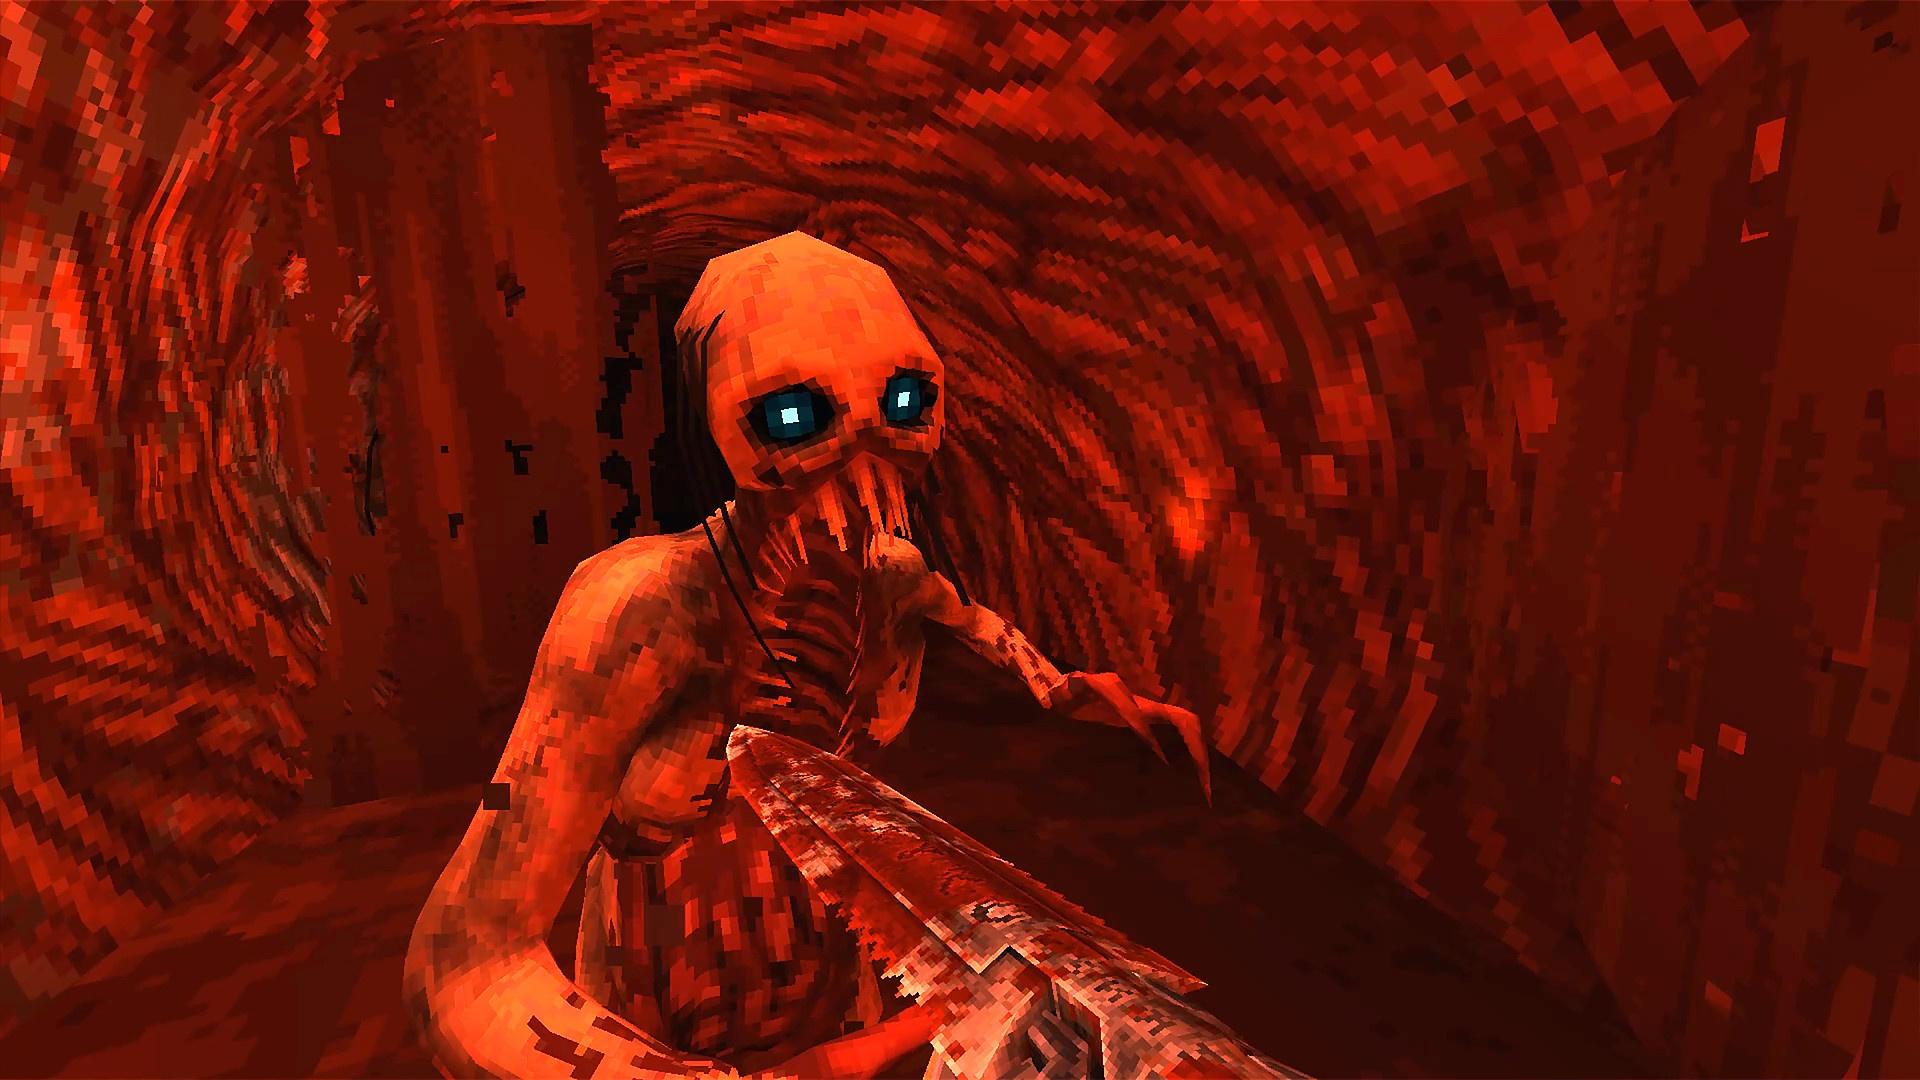 Ретрошутер WRATH: Aeon of Ruin вышел в ранний доступ